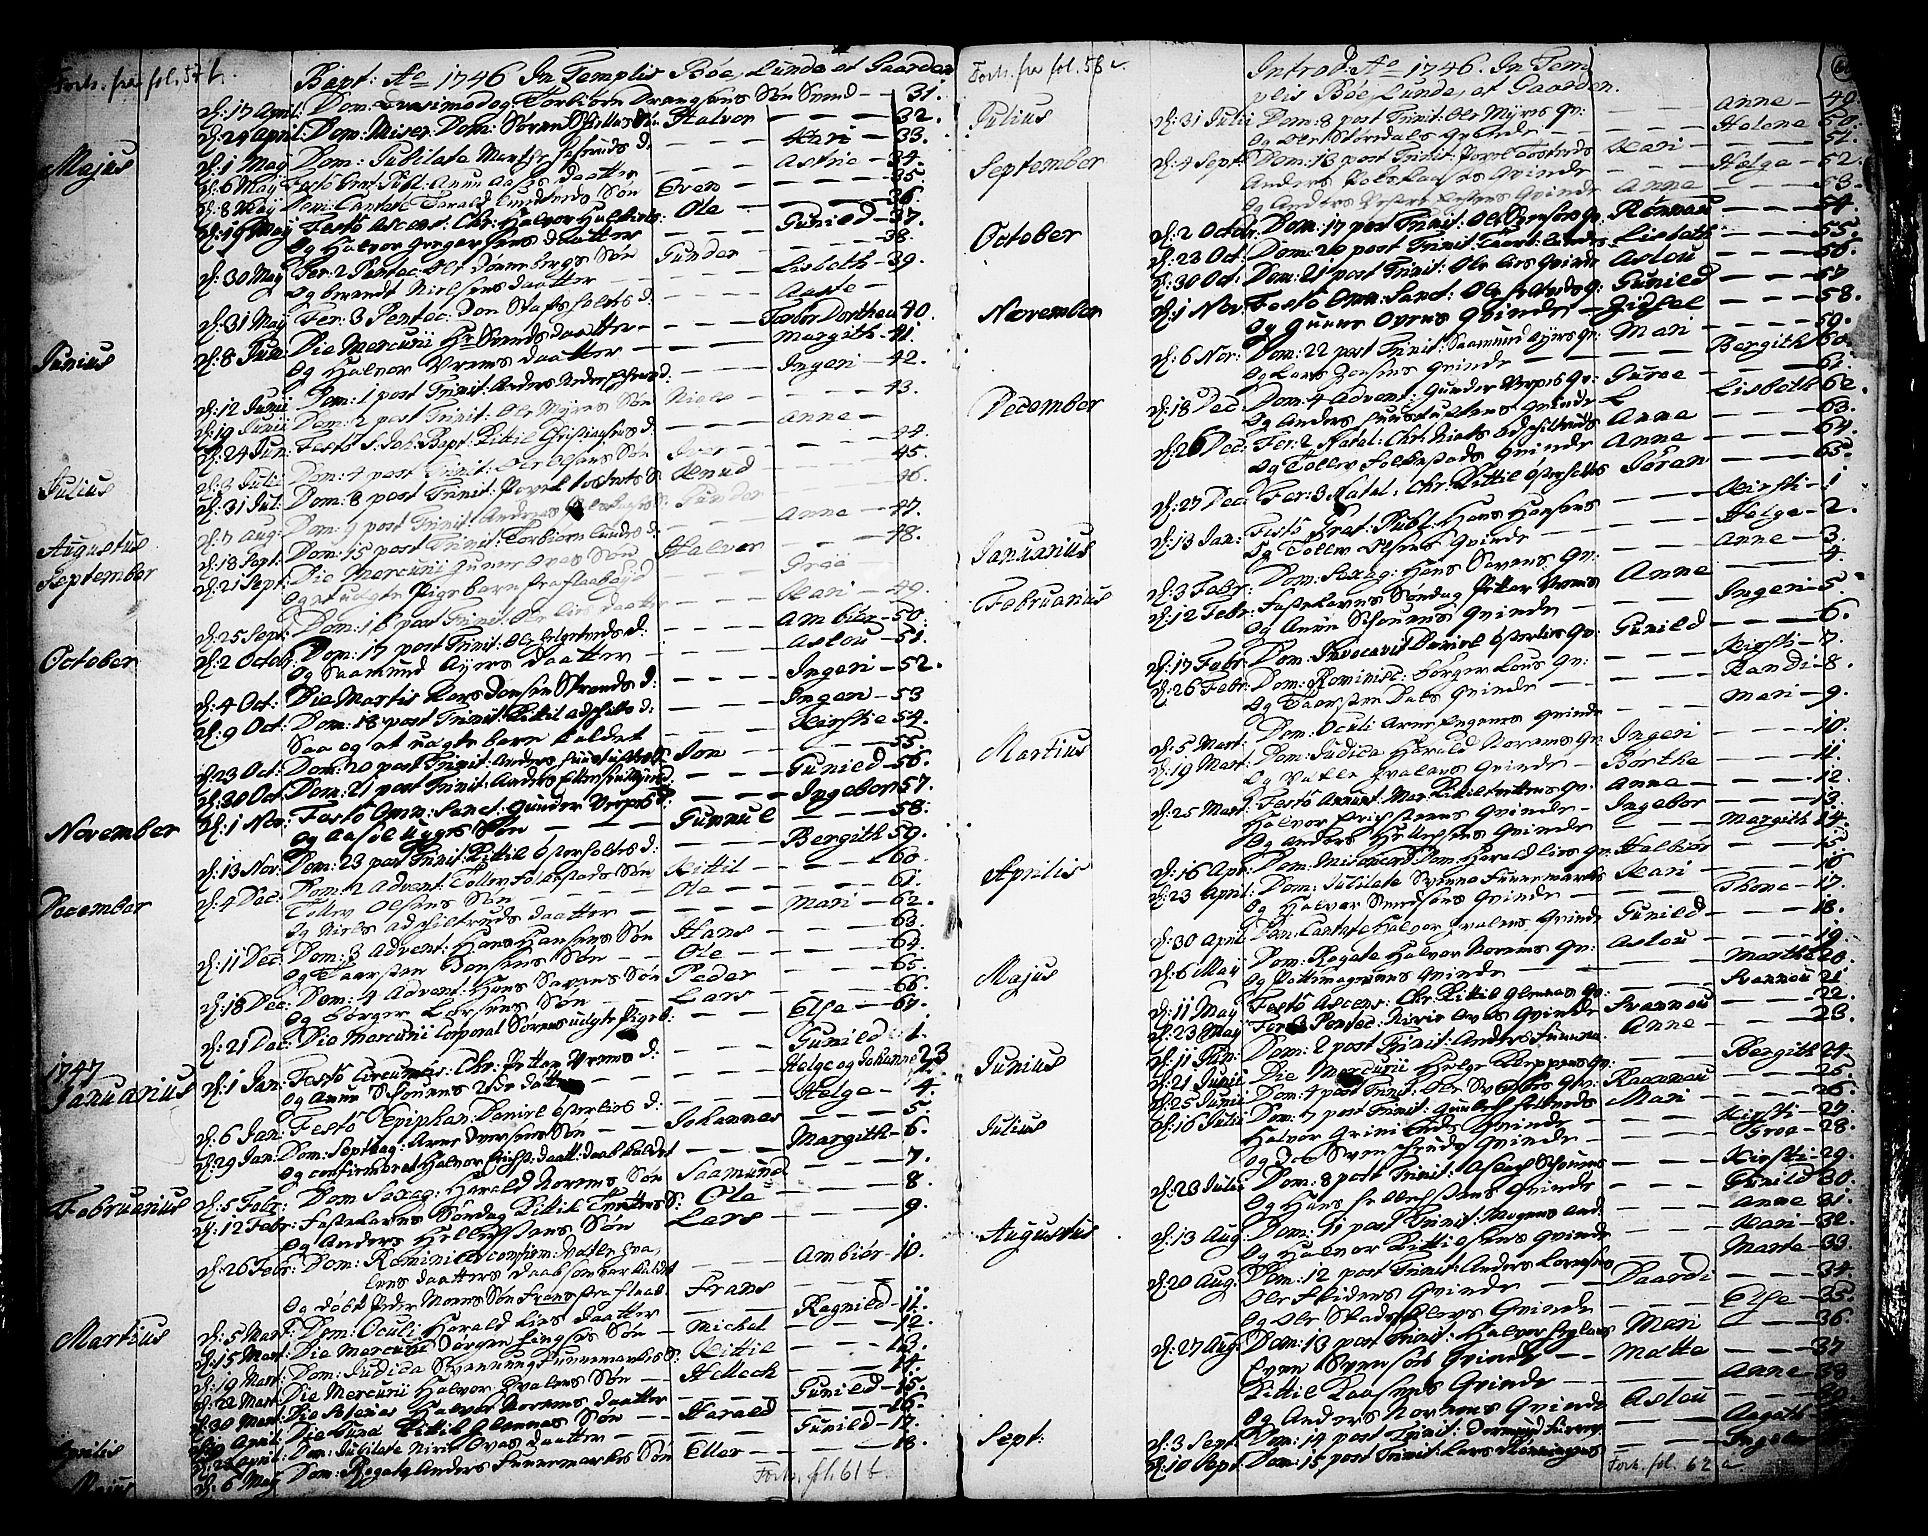 SAKO, Bø kirkebøker, F/Fa/L0003: Ministerialbok nr. 3, 1733-1748, s. 60